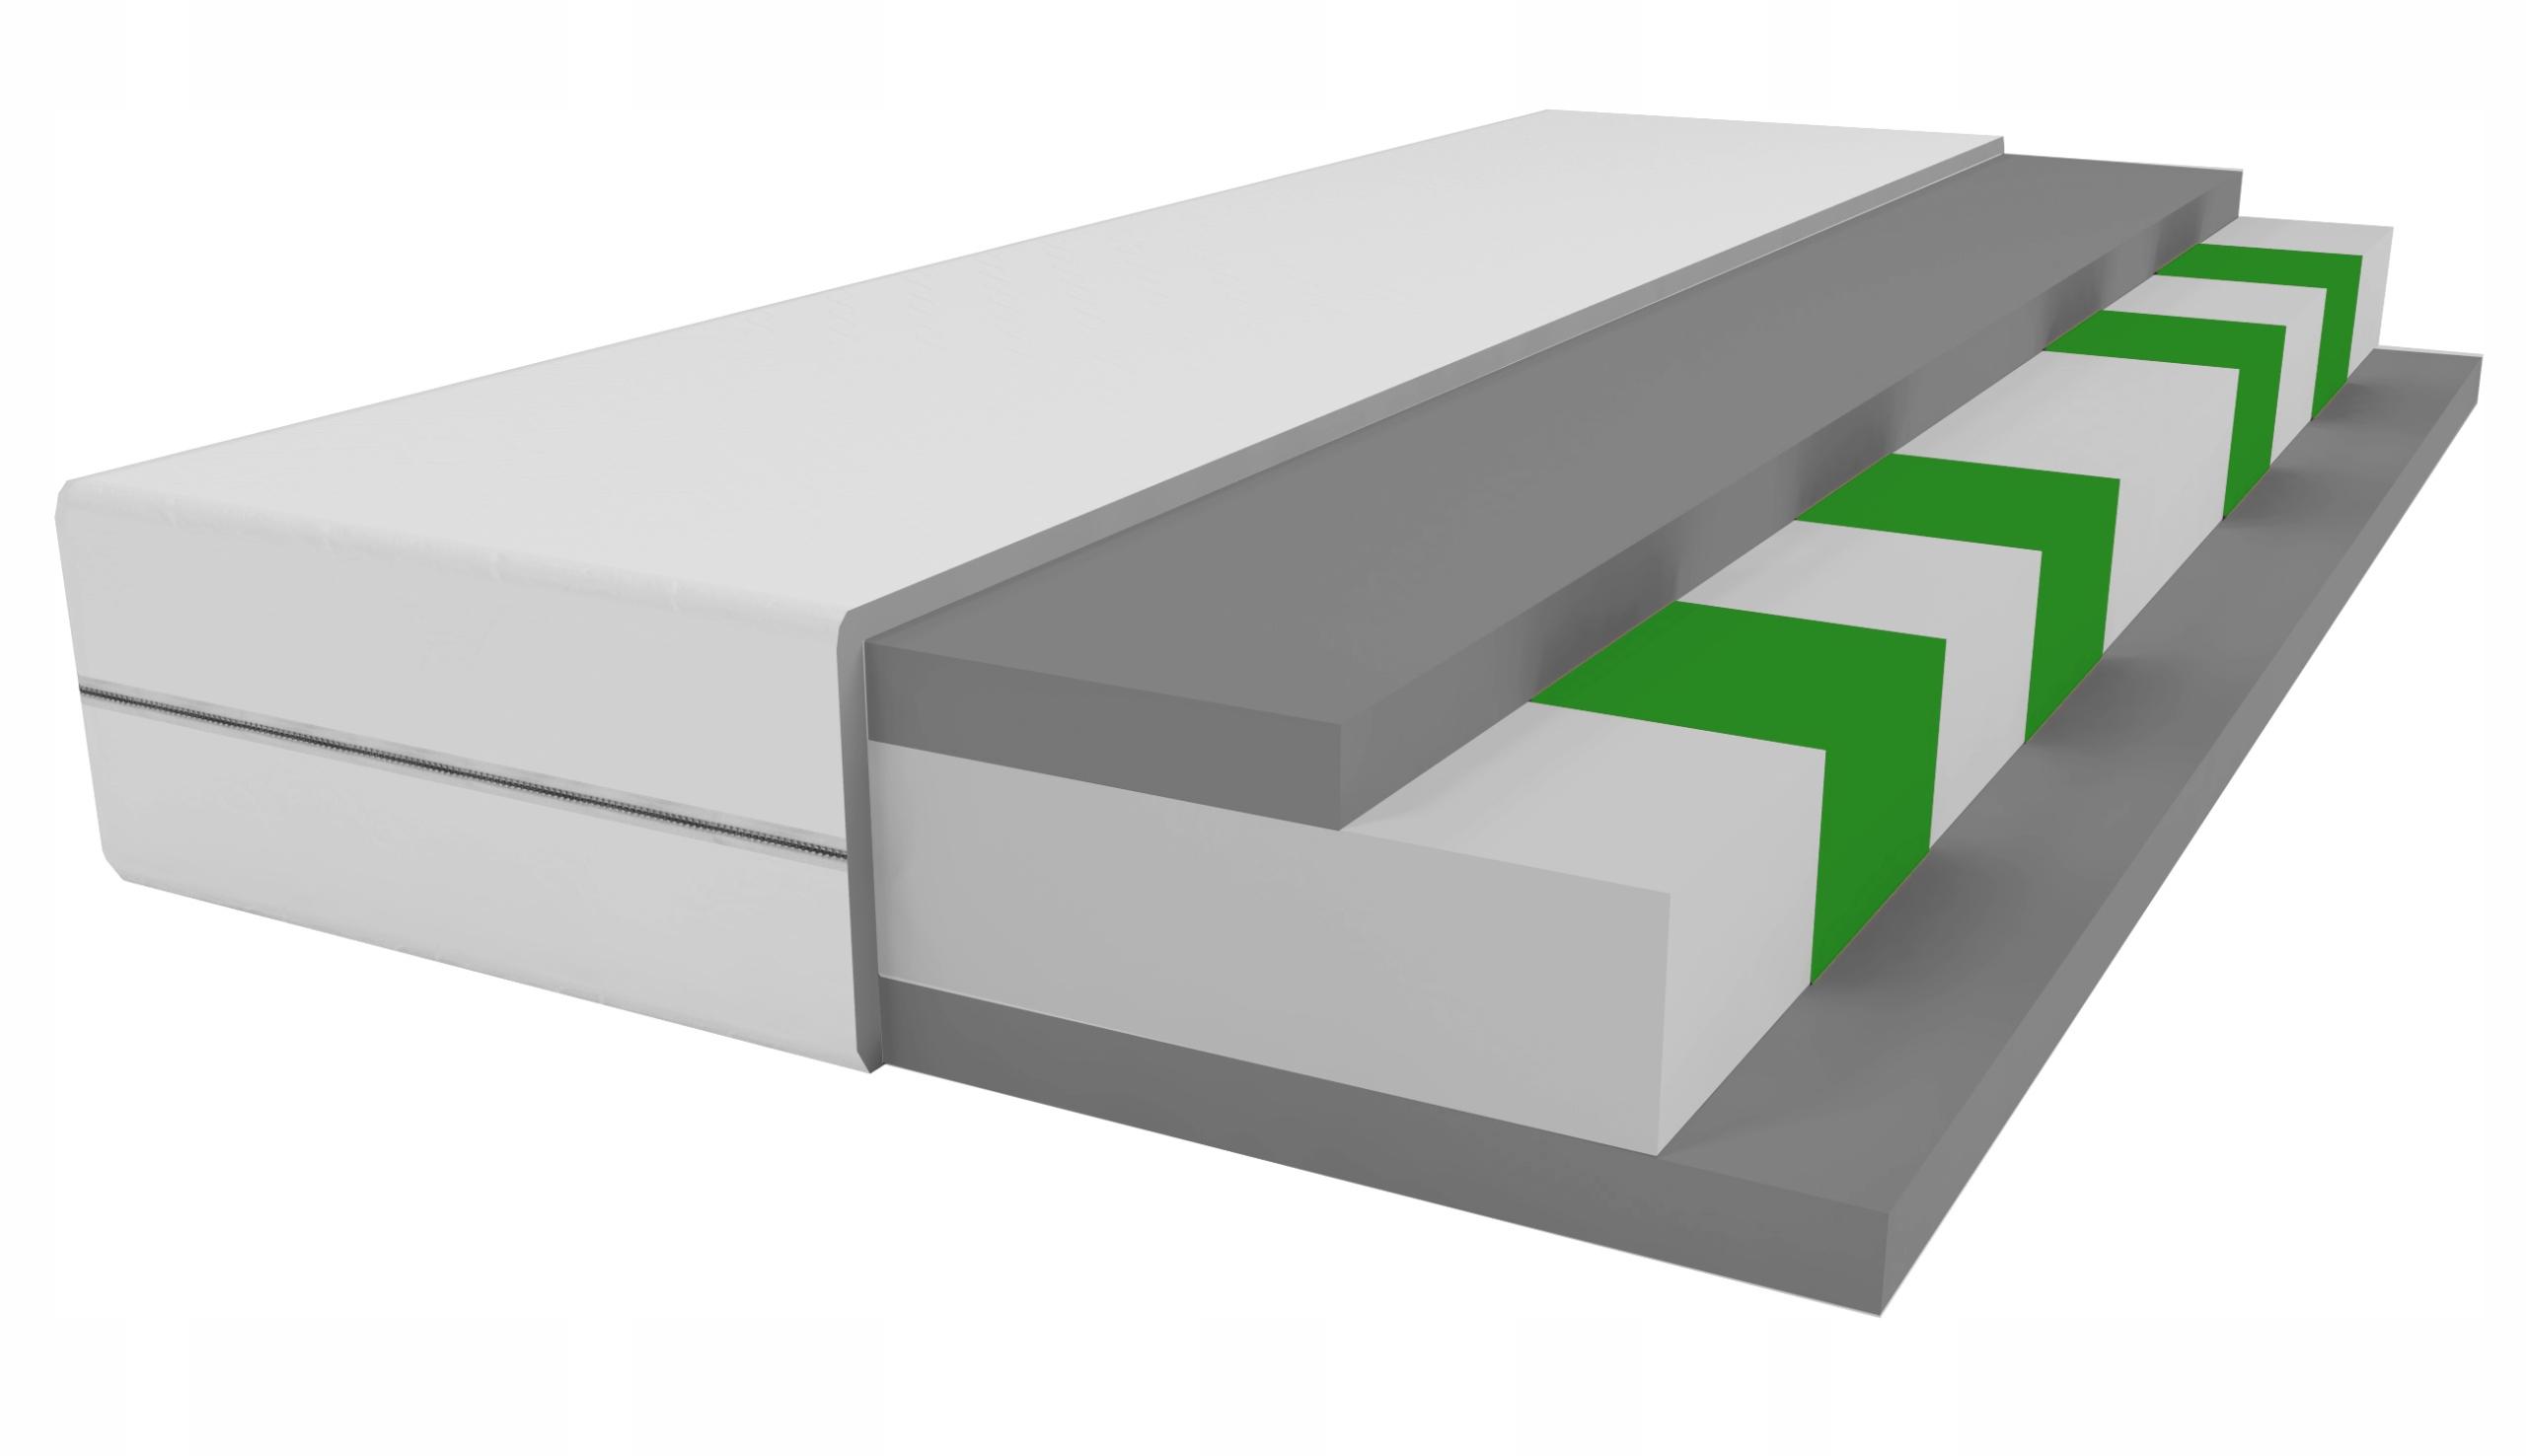 Materac MIKI 80x160 HR, Strefy, Wysokoelastyczny